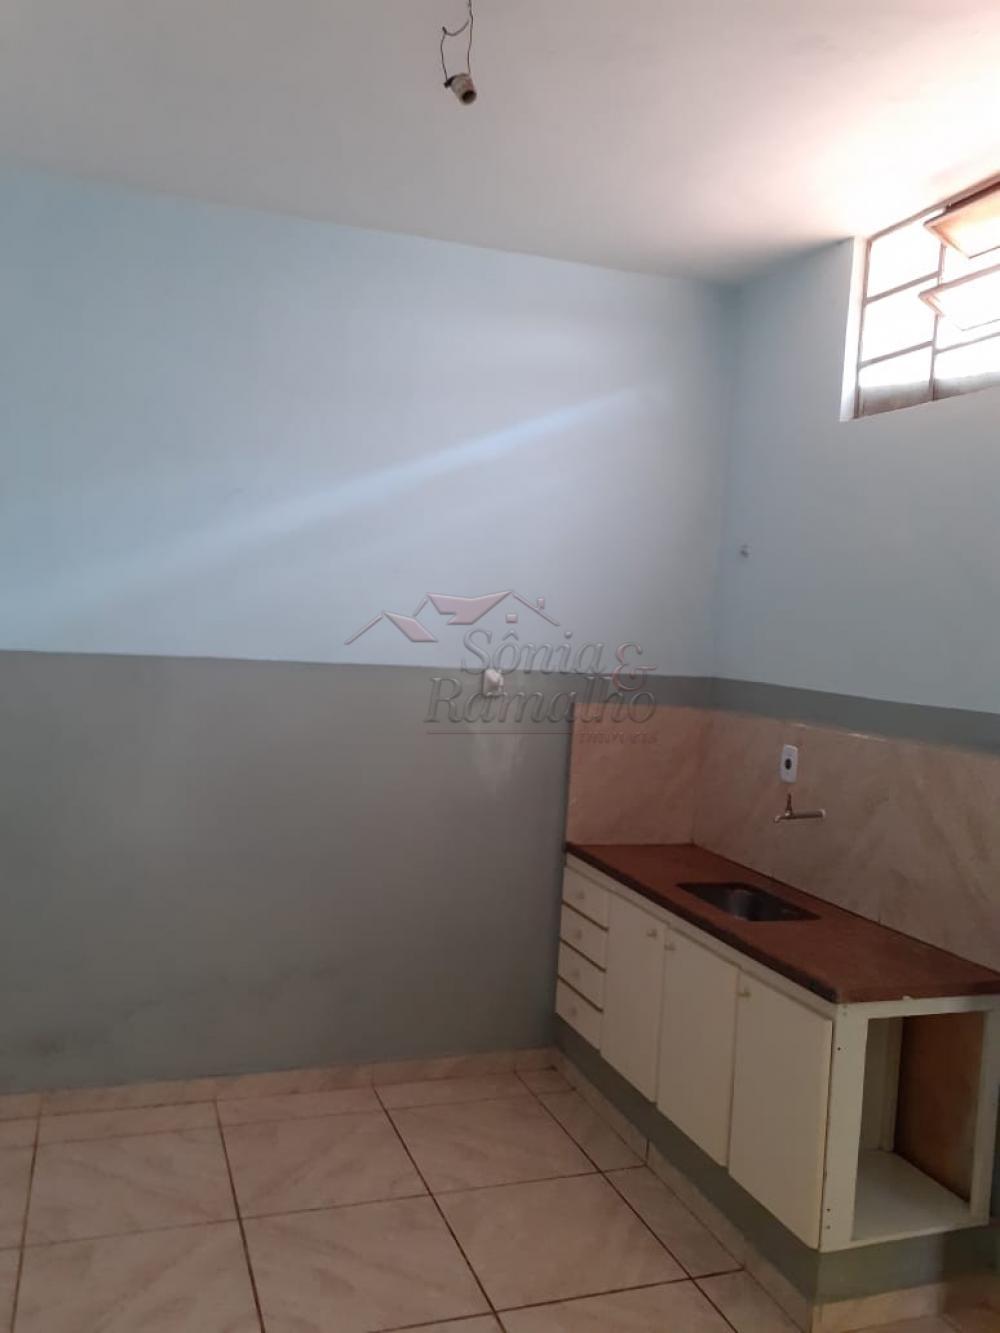 Alugar Casas / Padrão em Ribeirão Preto apenas R$ 480,00 - Foto 6